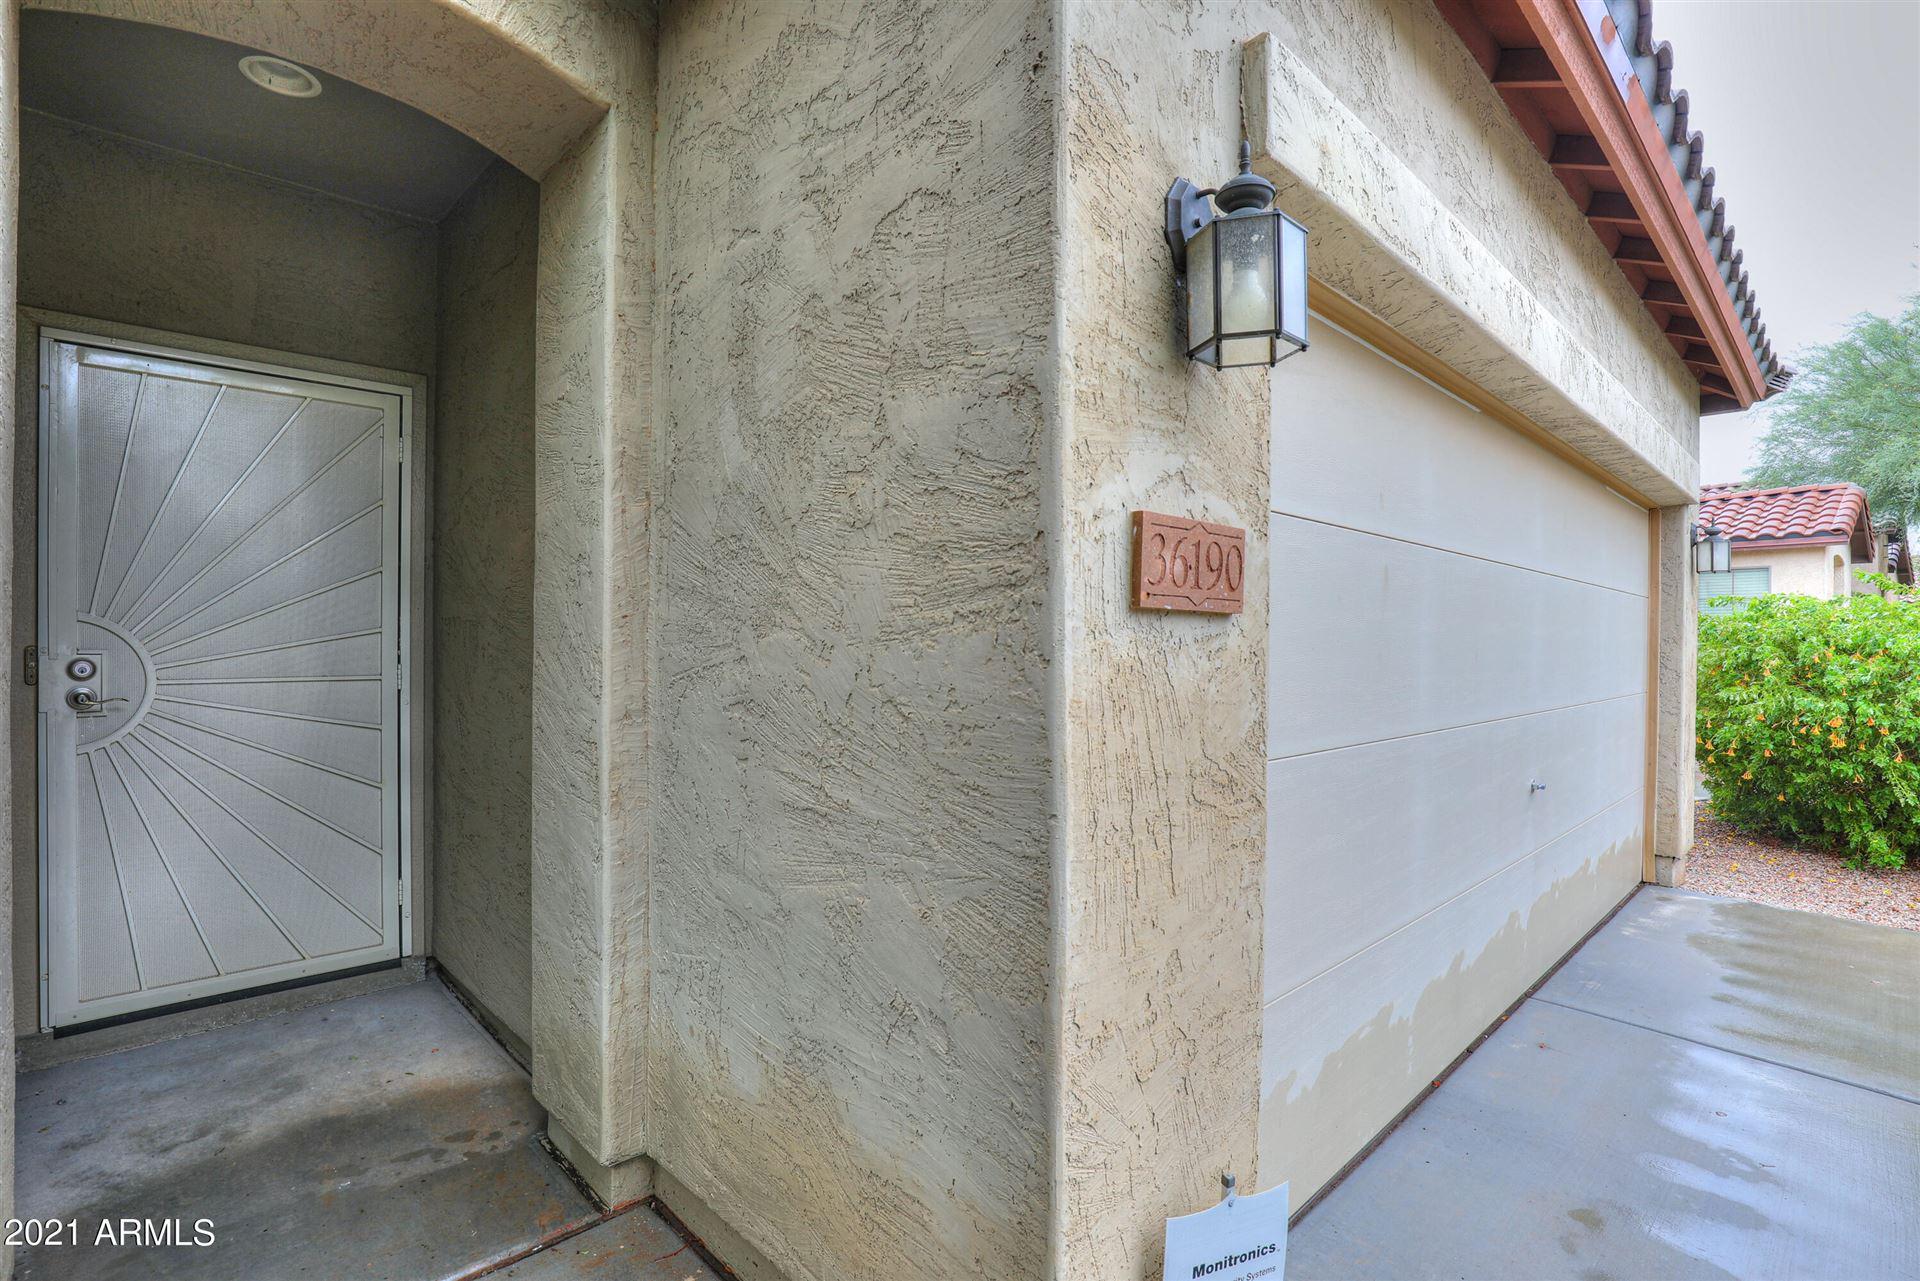 Photo of 36190 W PRADO Street, Maricopa, AZ 85138 (MLS # 6269404)